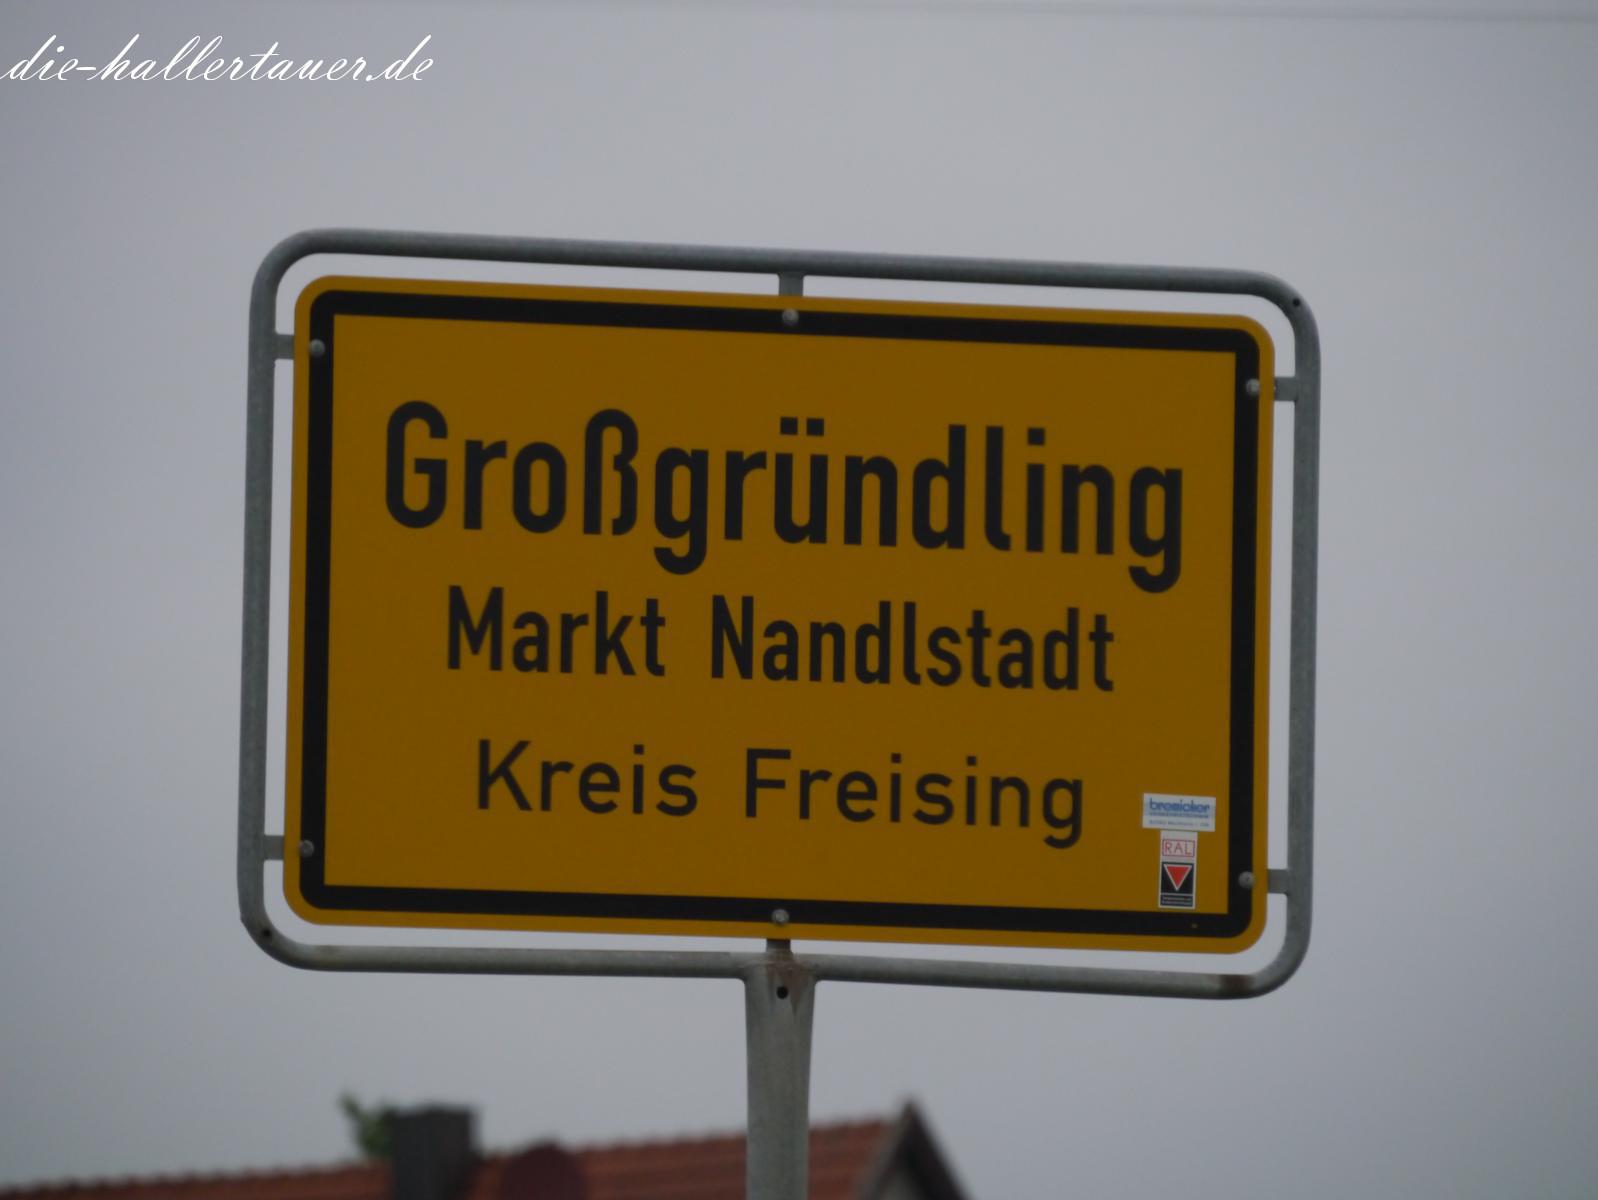 Hallertau Großgründling